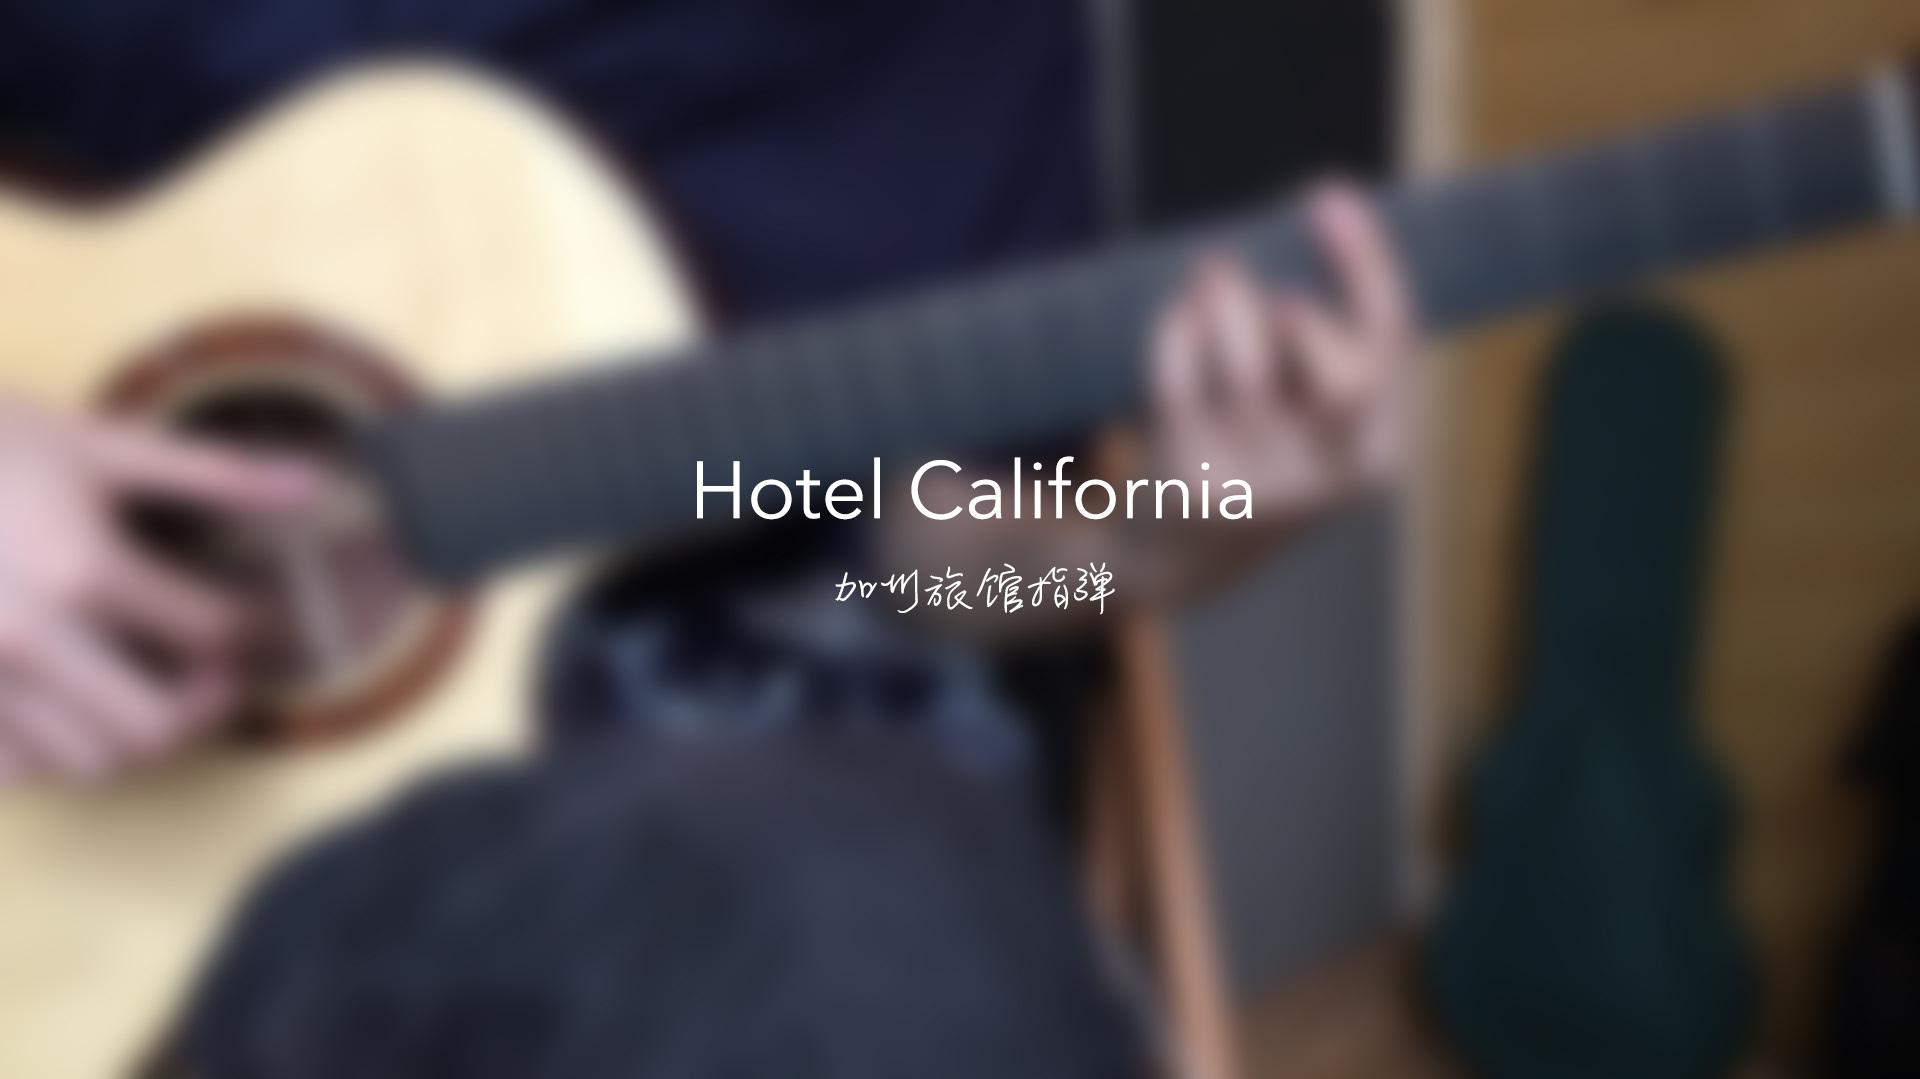 【指弹】Hotel California (加州旅馆) 曲谱同步视频